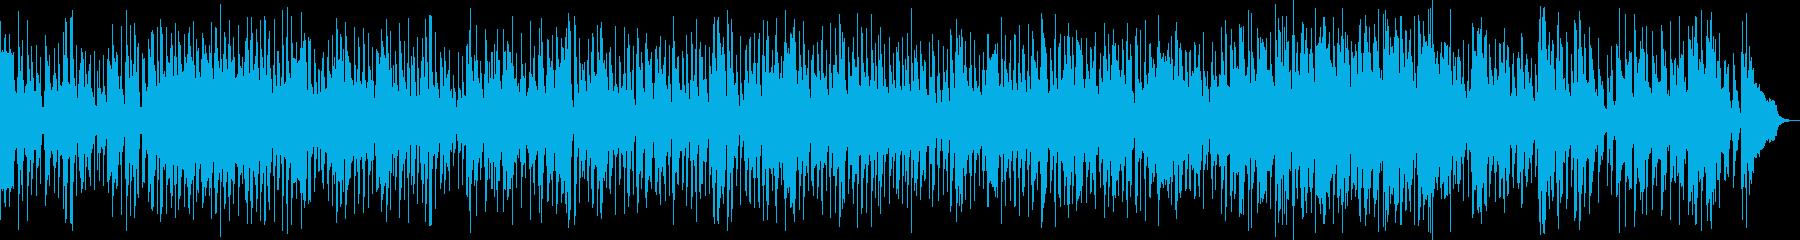 軽快、妖しげに奏でるファスト・ジャズ の再生済みの波形